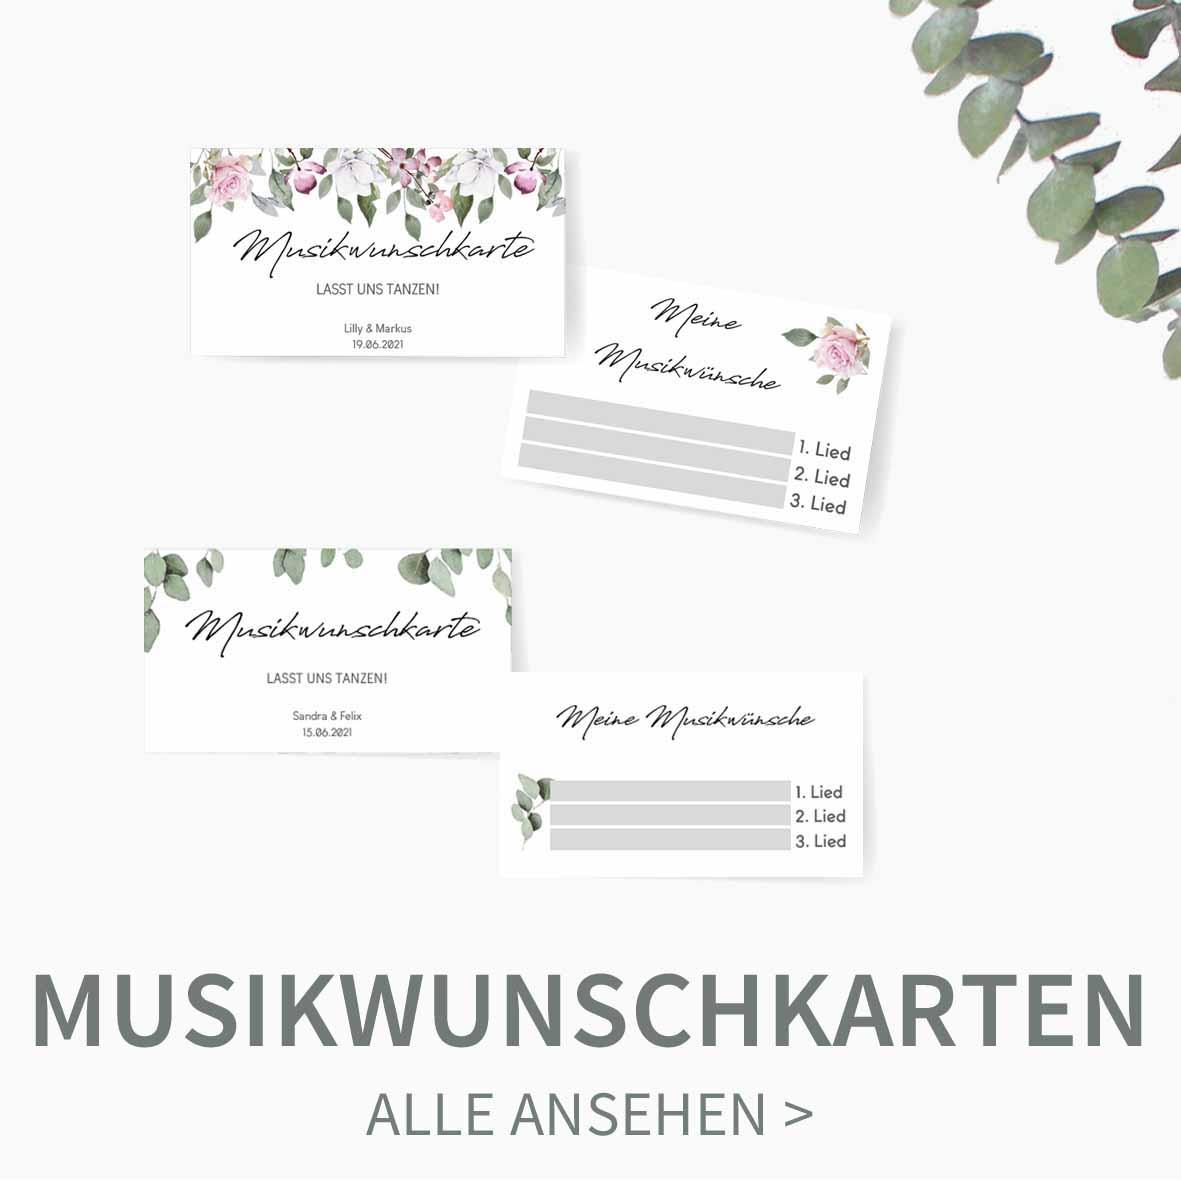 Druckvorlagen für Musikwunschkarten zum personalisieren